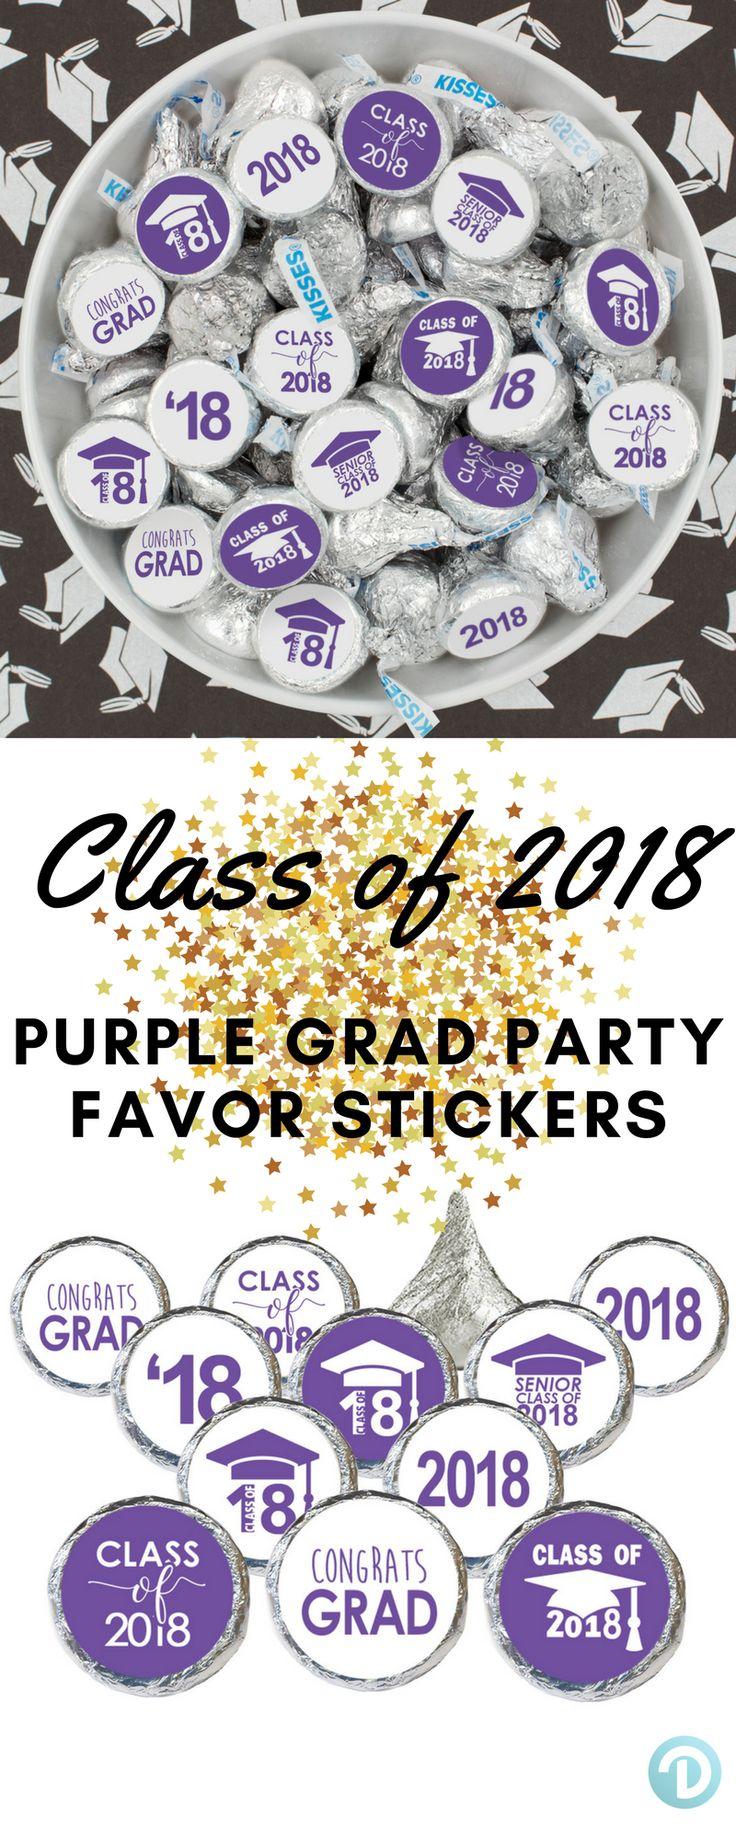 Purple Graduation - 2019 Grad Party Favor Sticker - 216 Count